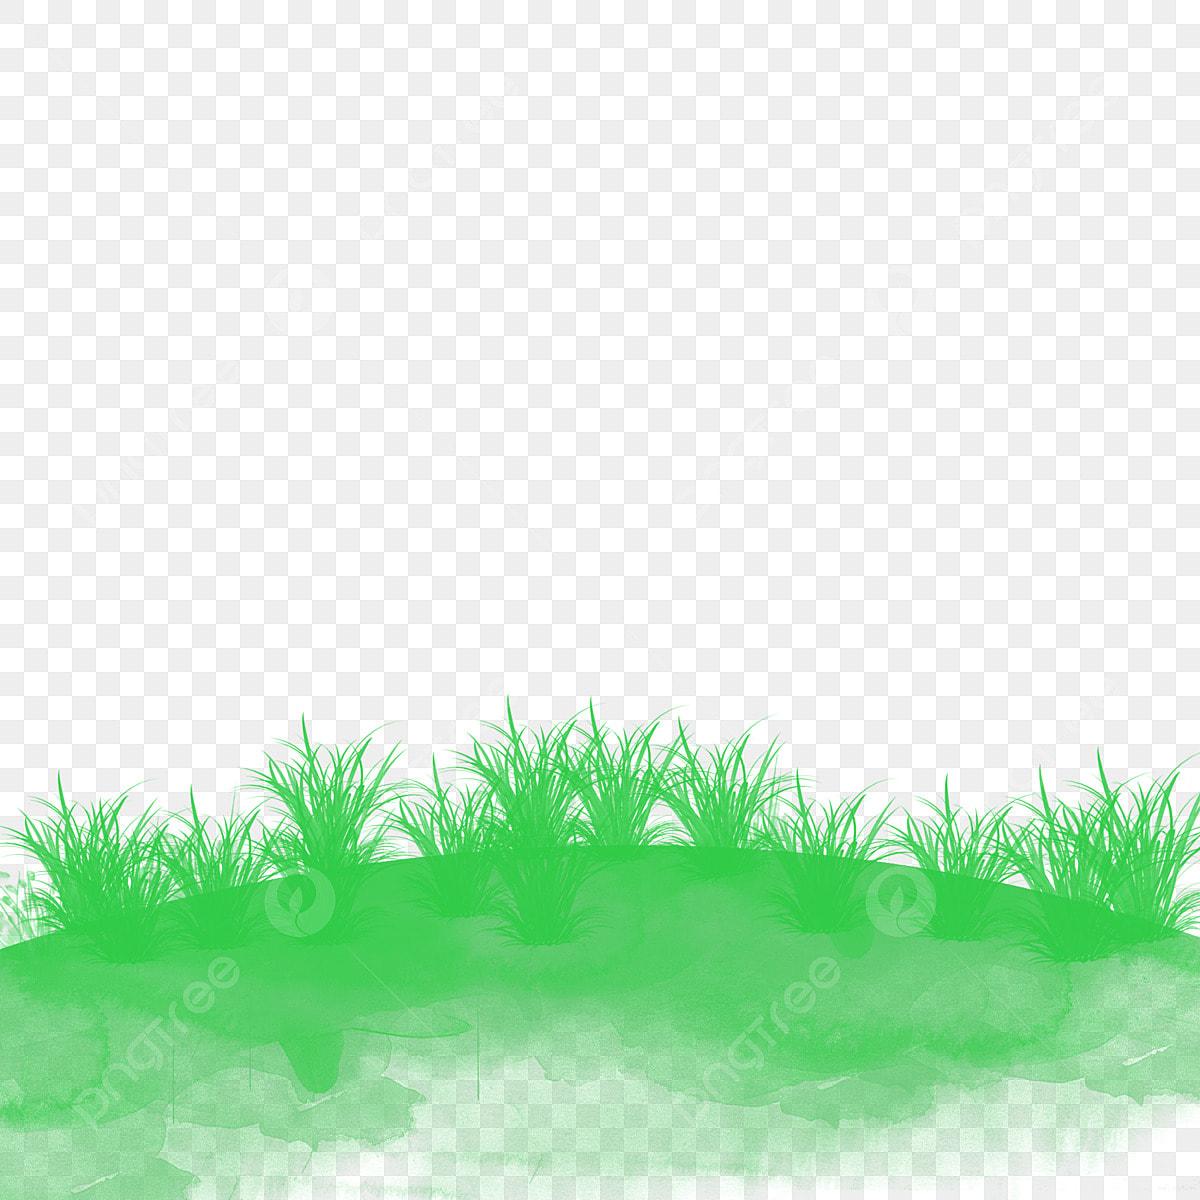 Fresh Green Grass Grassland Grass Flower Green Grass Cartoon Green Grass Png Transparent Clipart Image And Psd File For Free Download